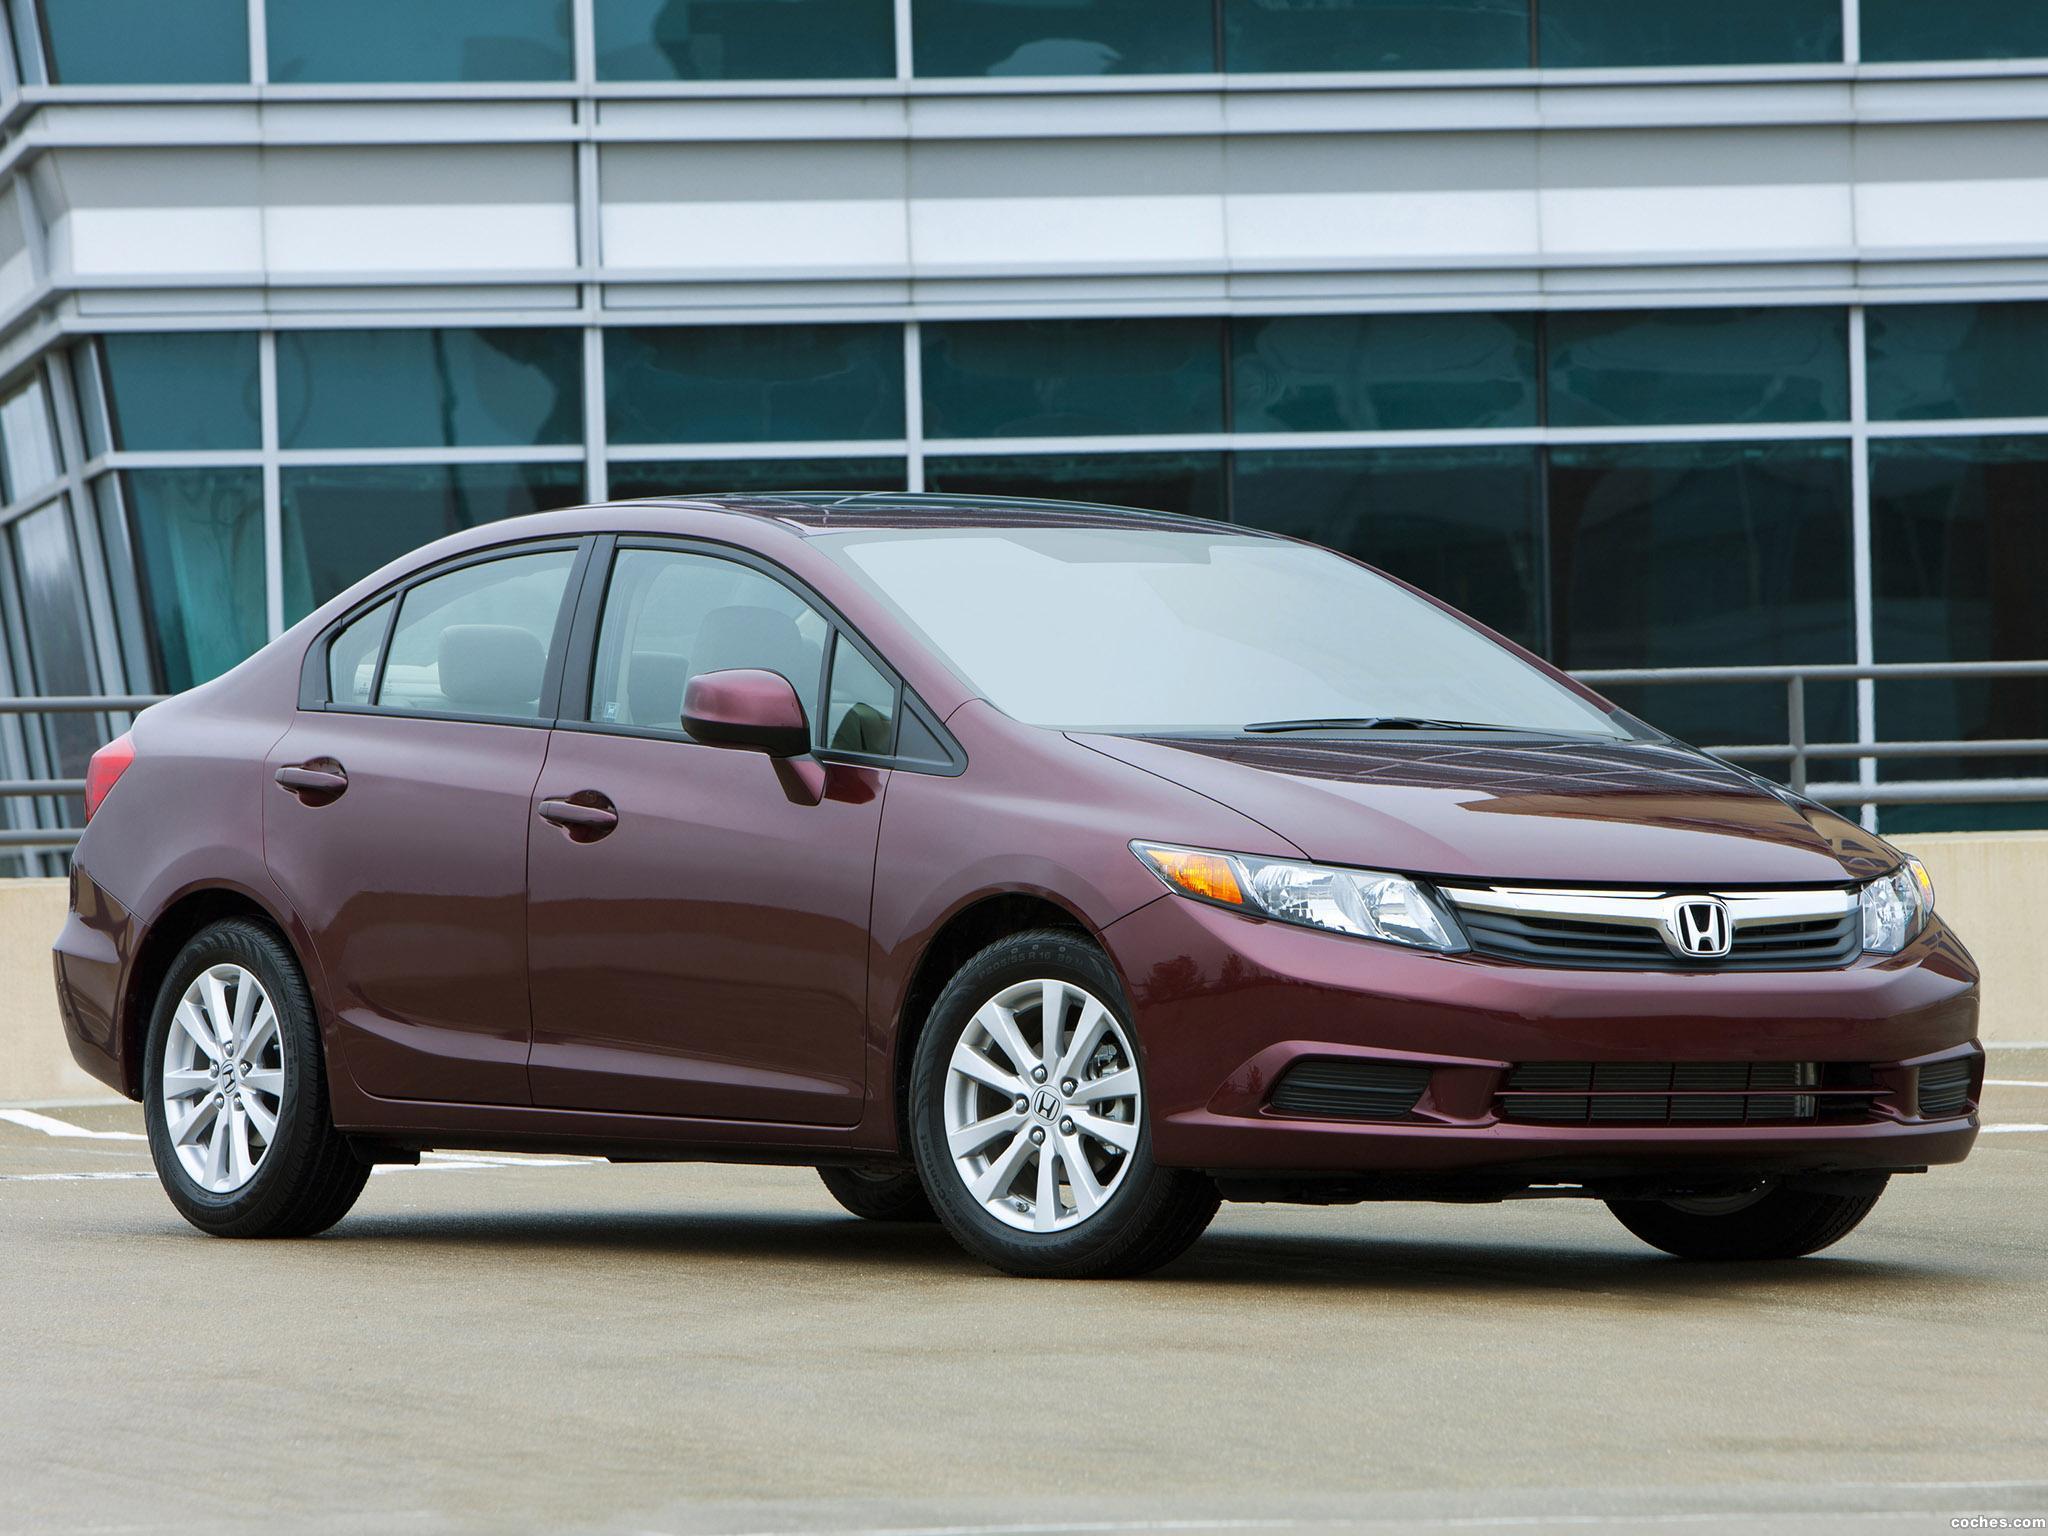 Foto 15 de Honda Civic EX-L Sedan 2011